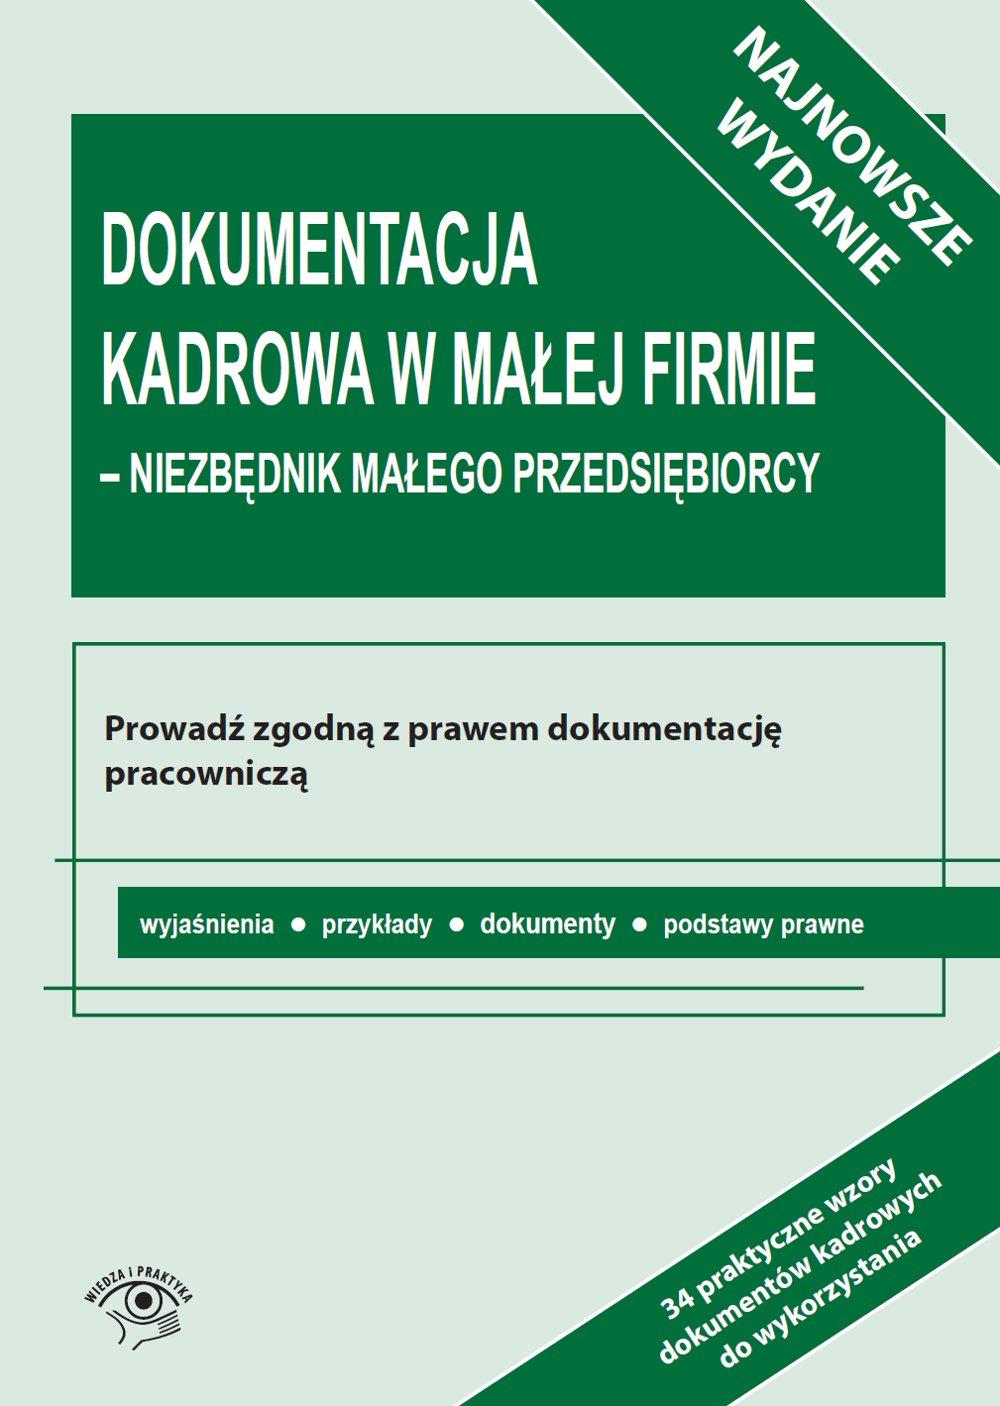 Dokumentacja kadrowa w małej firmie - niezbędnik małego przedsiębiorcy - Ebook (Książka na Kindle) do pobrania w formacie MOBI